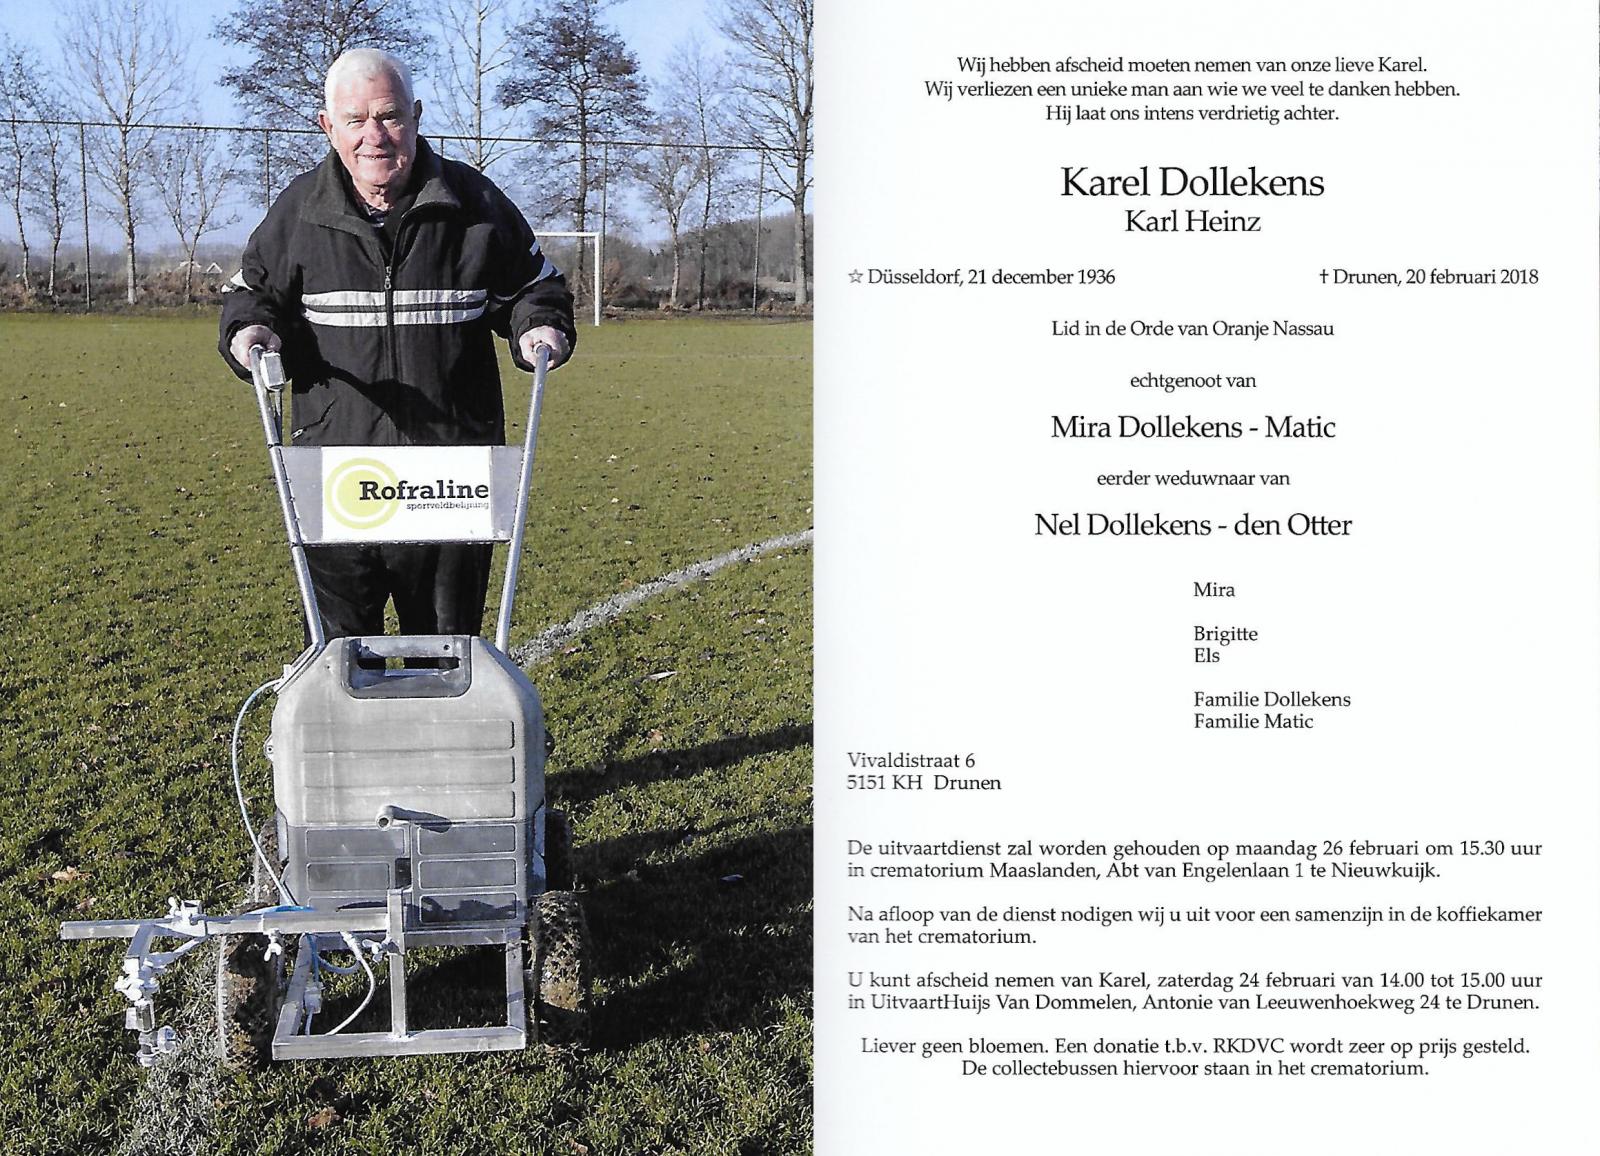 Uitvaart Karel Dollekens Nieuwsarchief Rkdvc